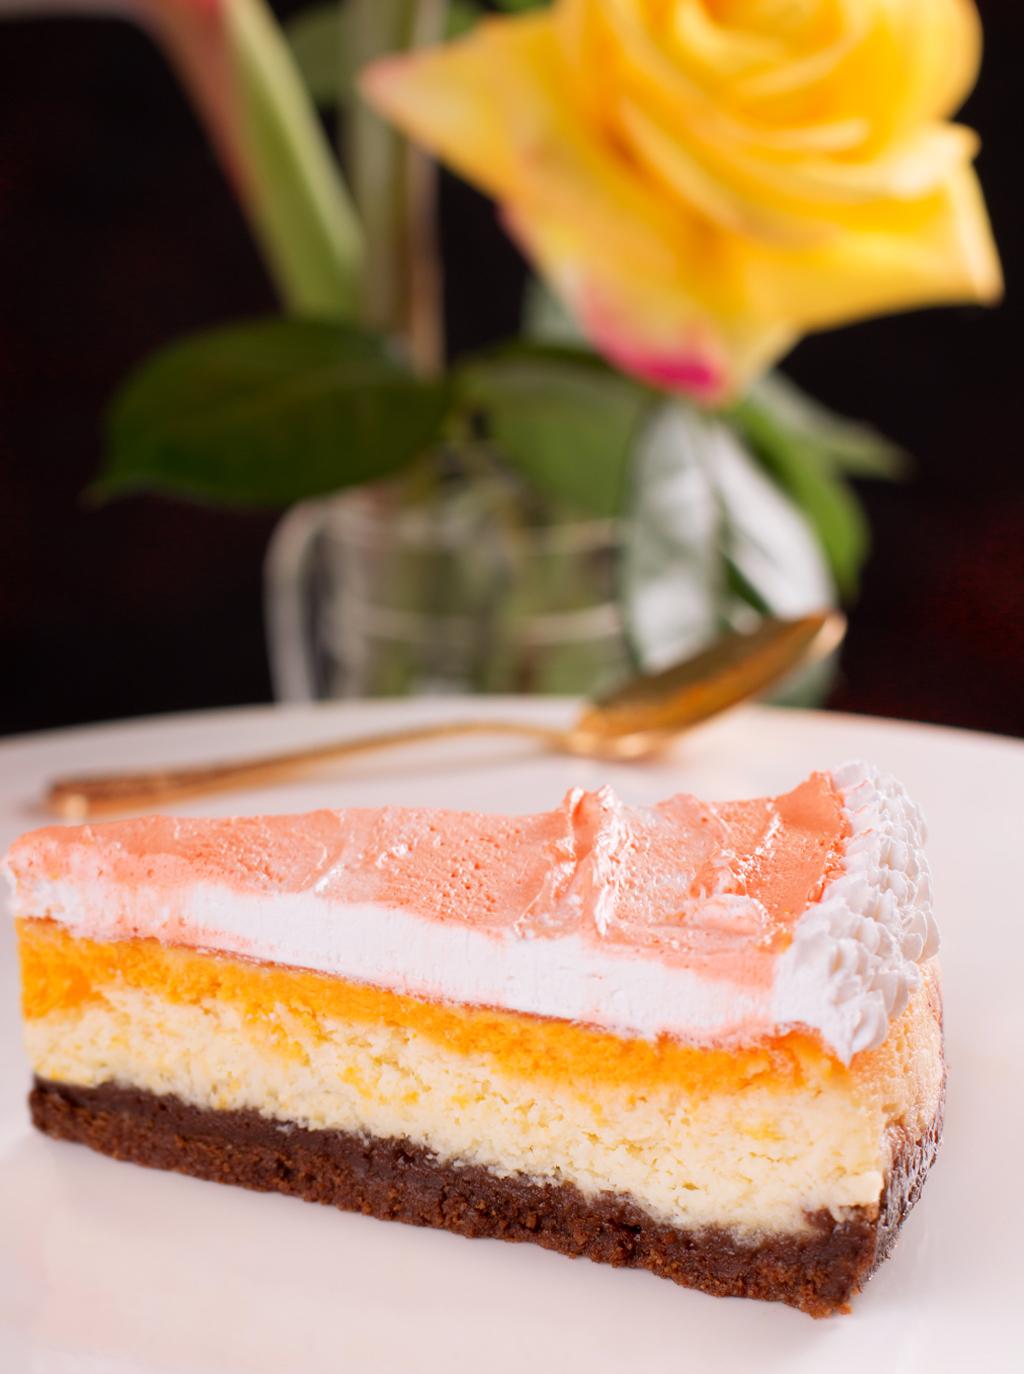 tarta de queso de chocolate blanco y fruta de la pasión